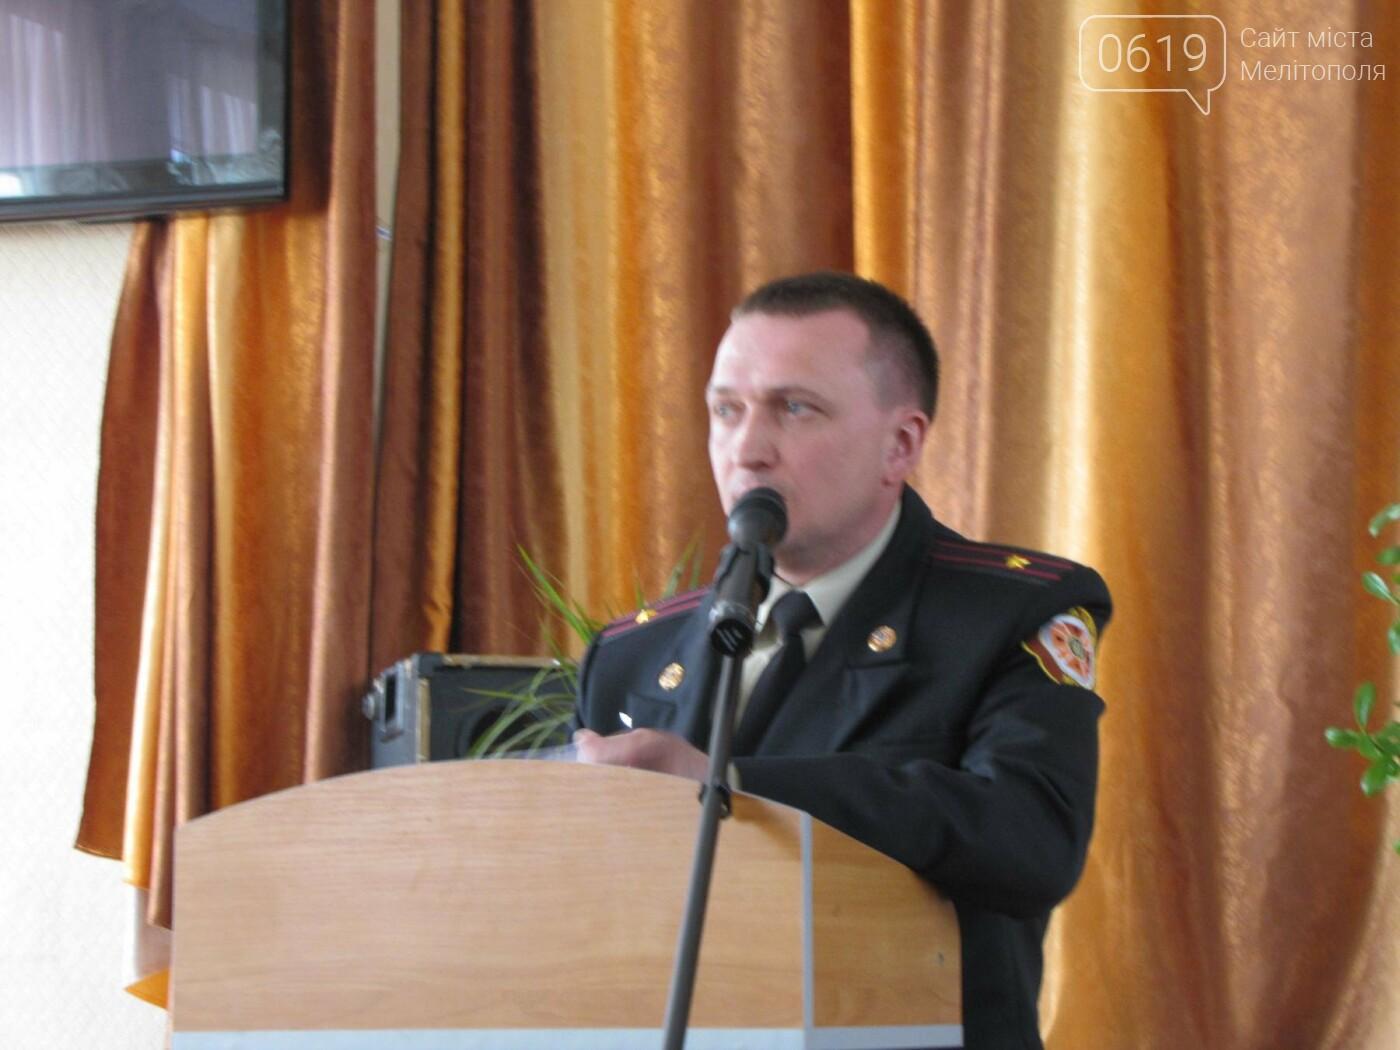 Мелитопольским учителям и воспитателям напомнили о правилах пожарной безопасности , фото-4, Фото сайта 0619